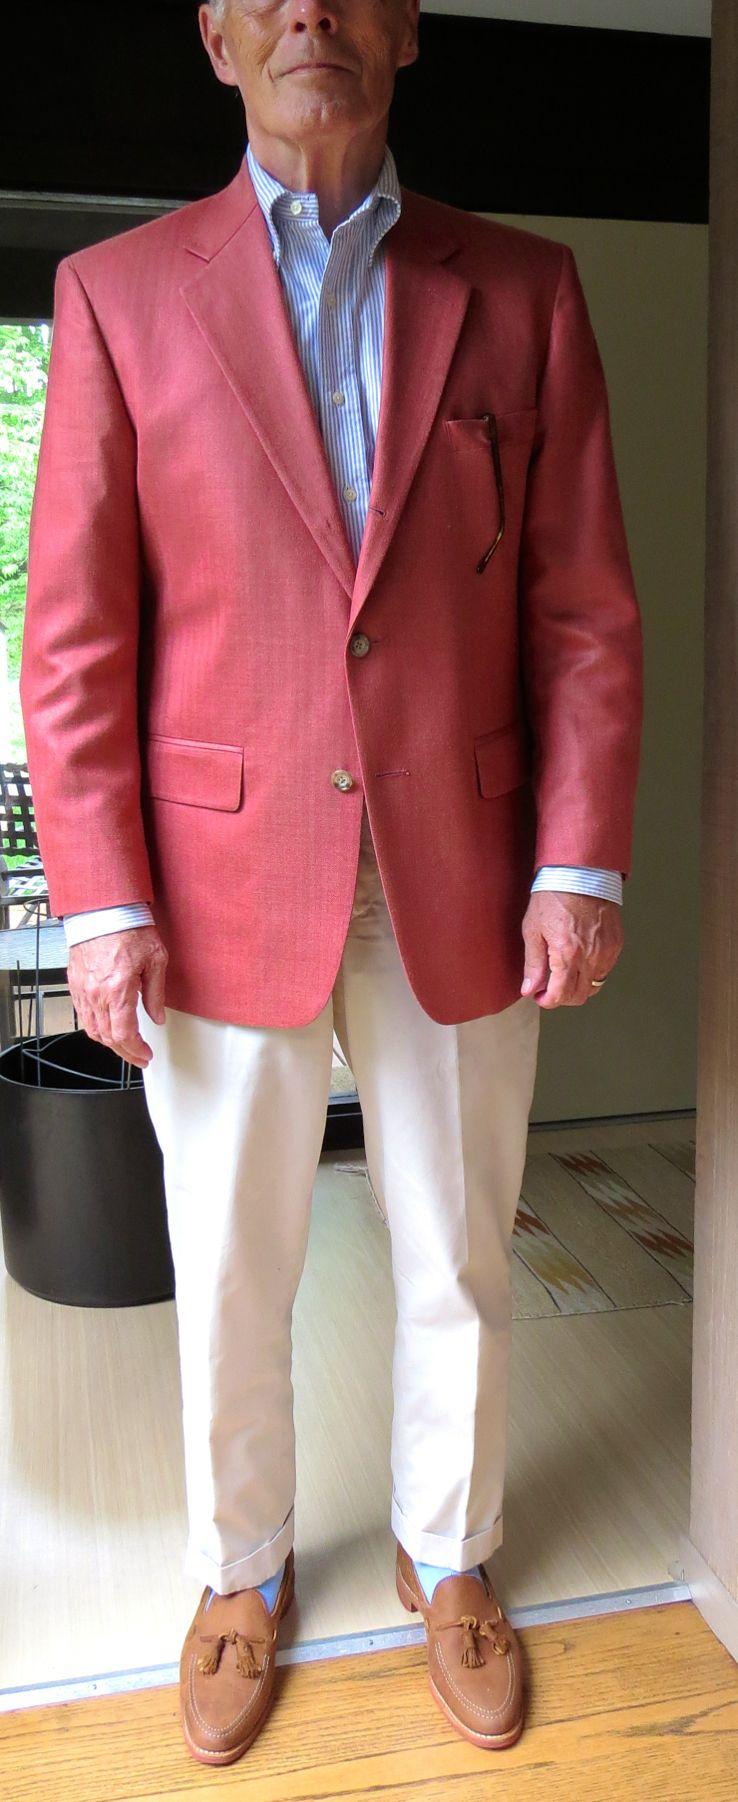 08215d1d0b8 O'Connell's Silk Herringbone Sport Jacket, University Stripe OCBD, LE  Twills, Allen Edmonds tassel loafers